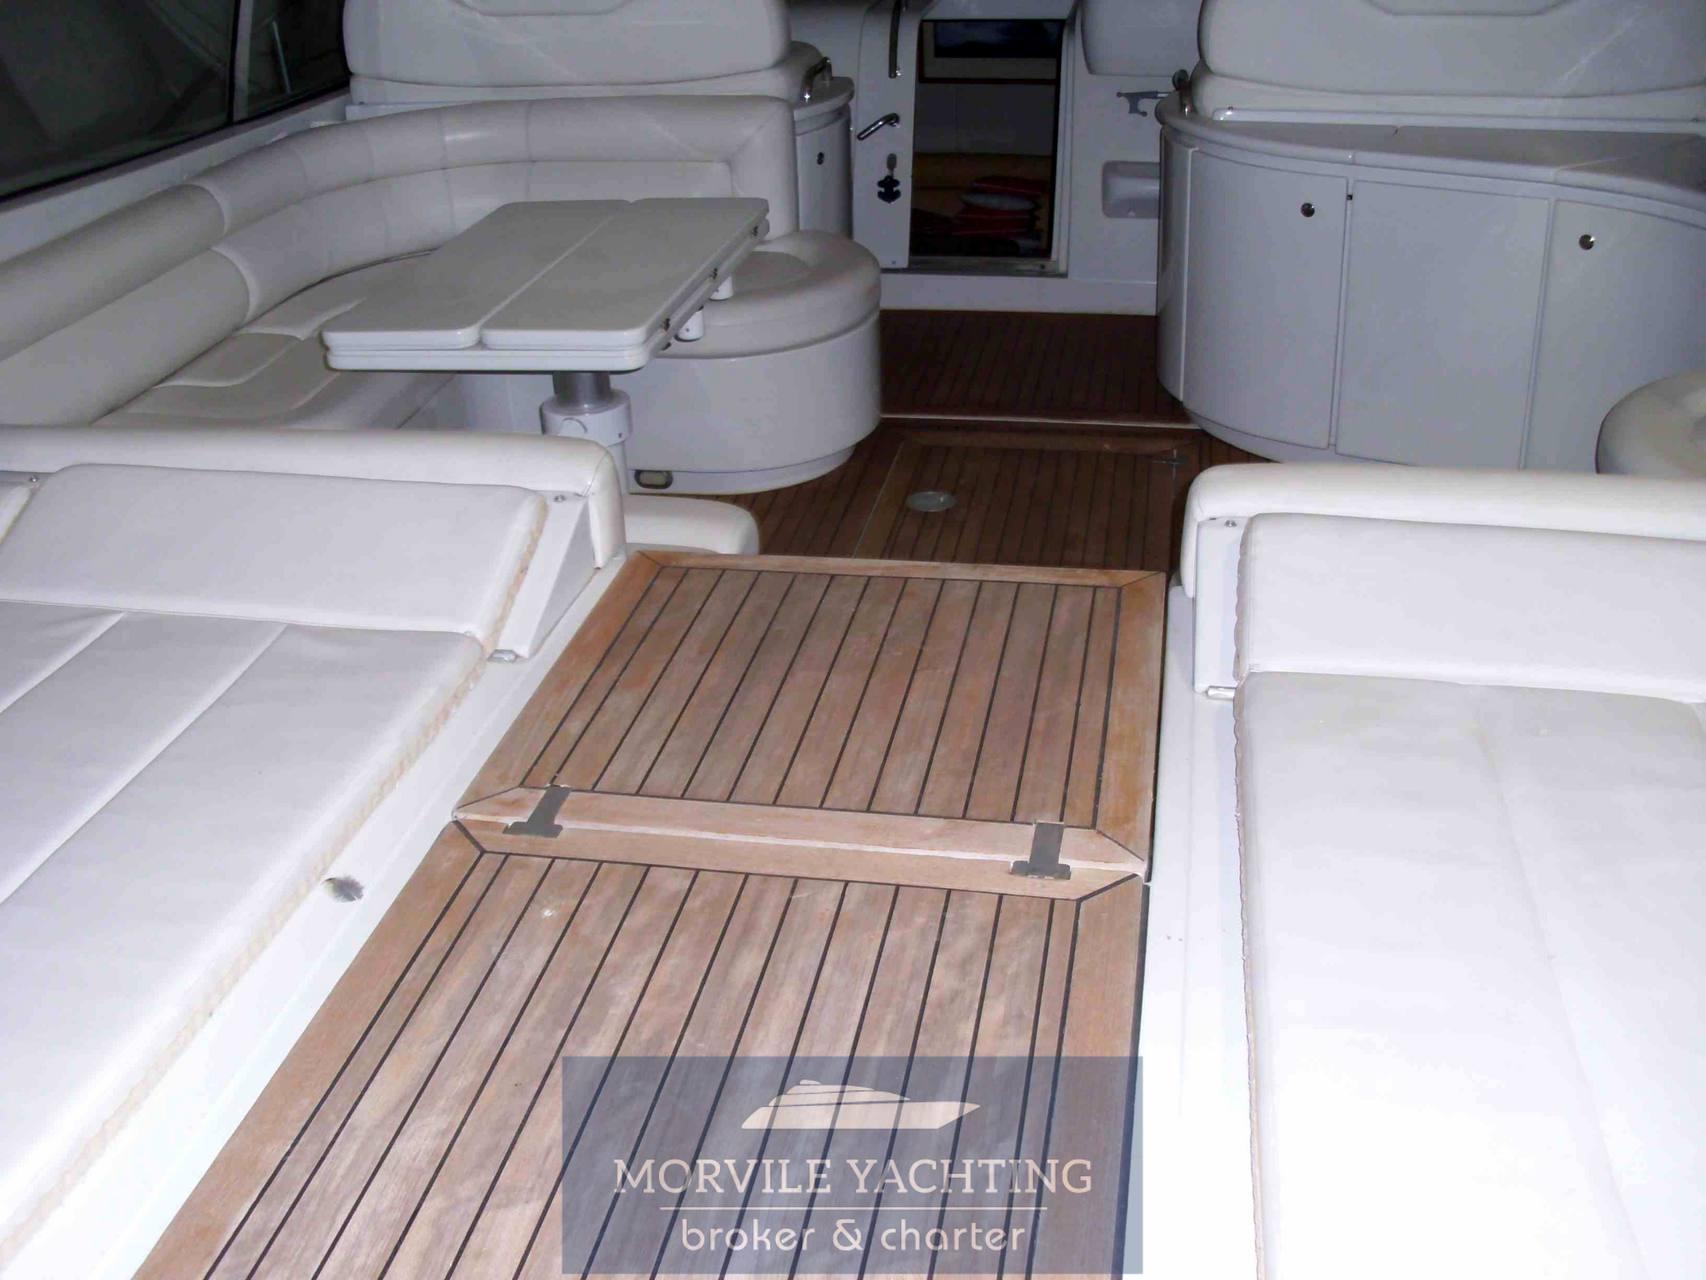 Pershing 54 motor boat